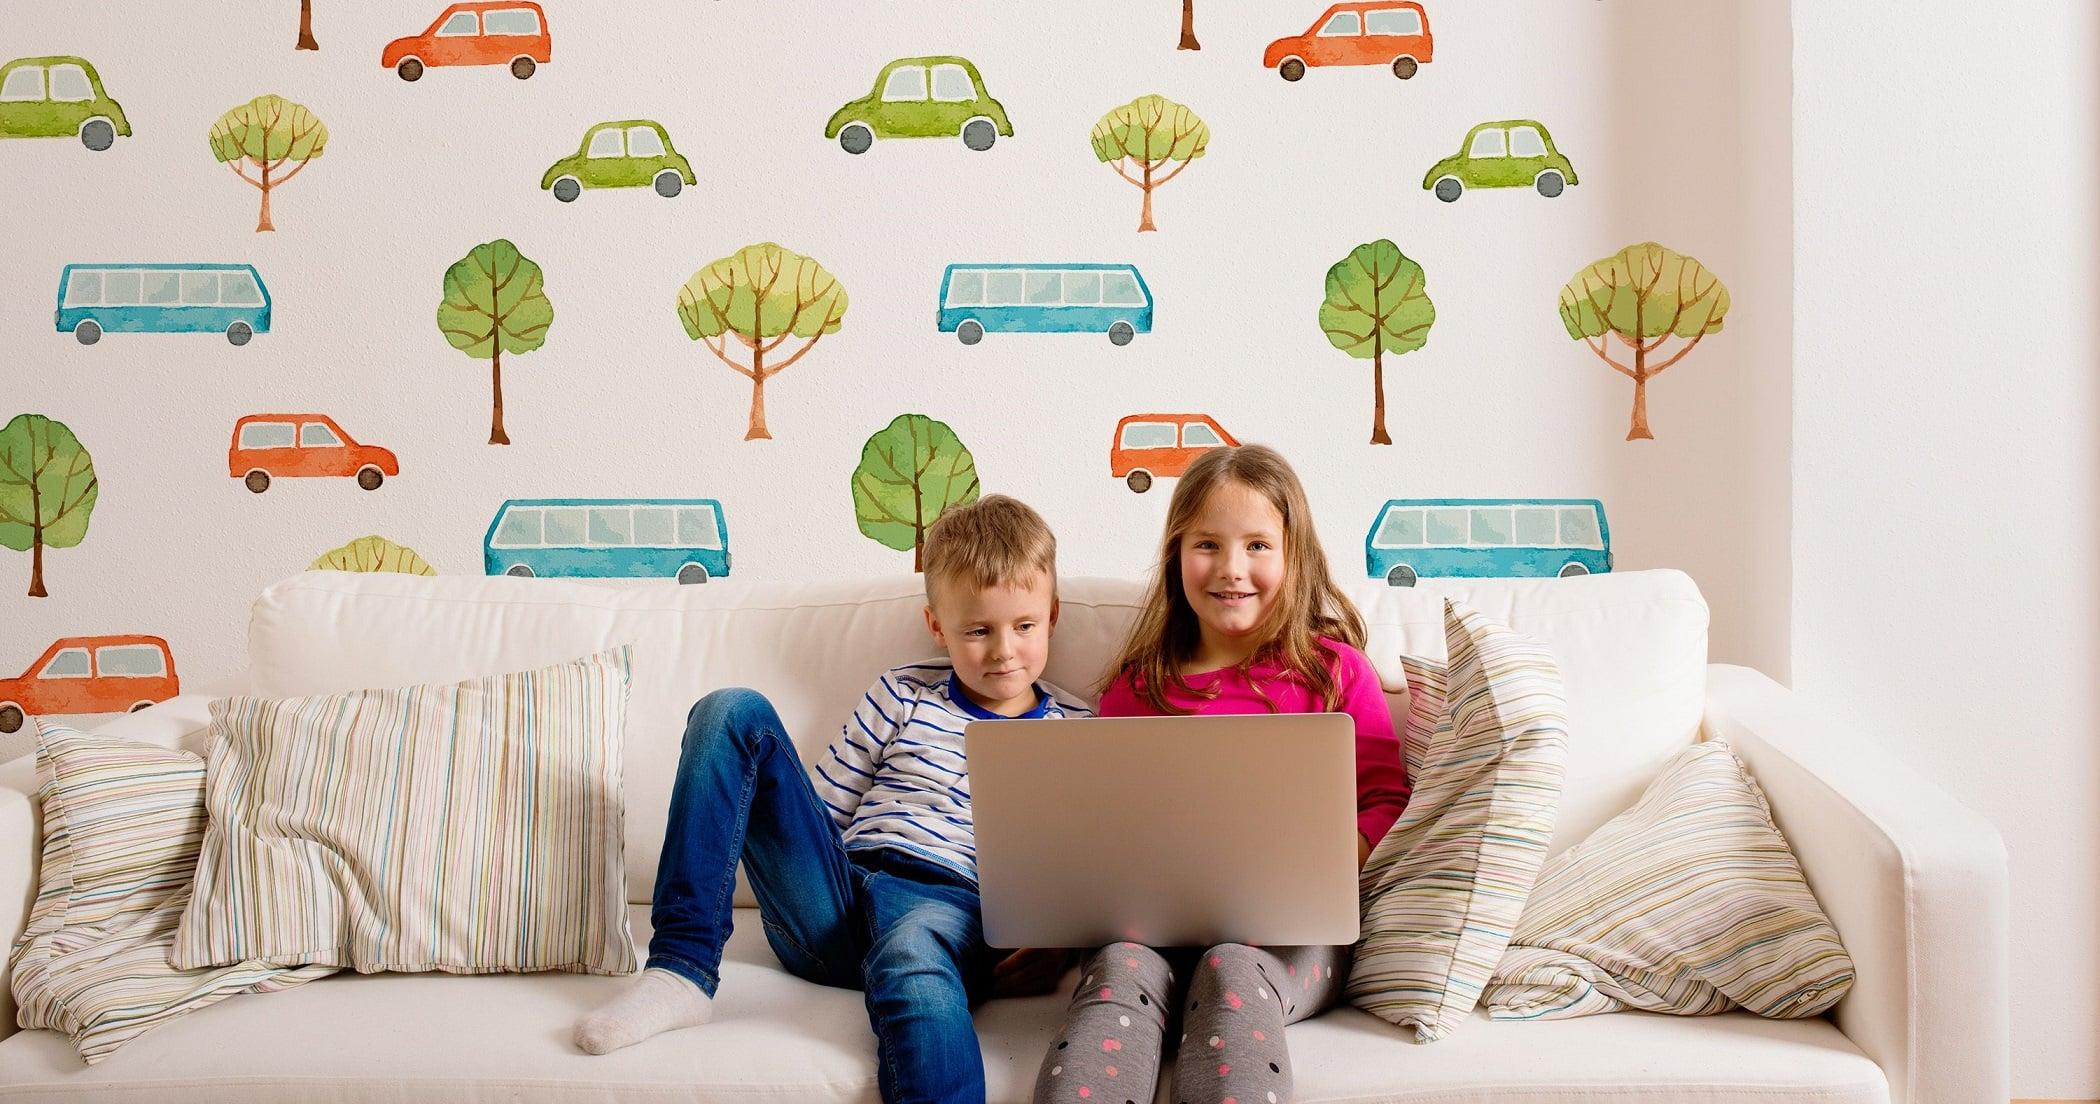 چند ایدهی جدید و جذاب از طرحهای کاغذدیواری برای اتاق کودکان